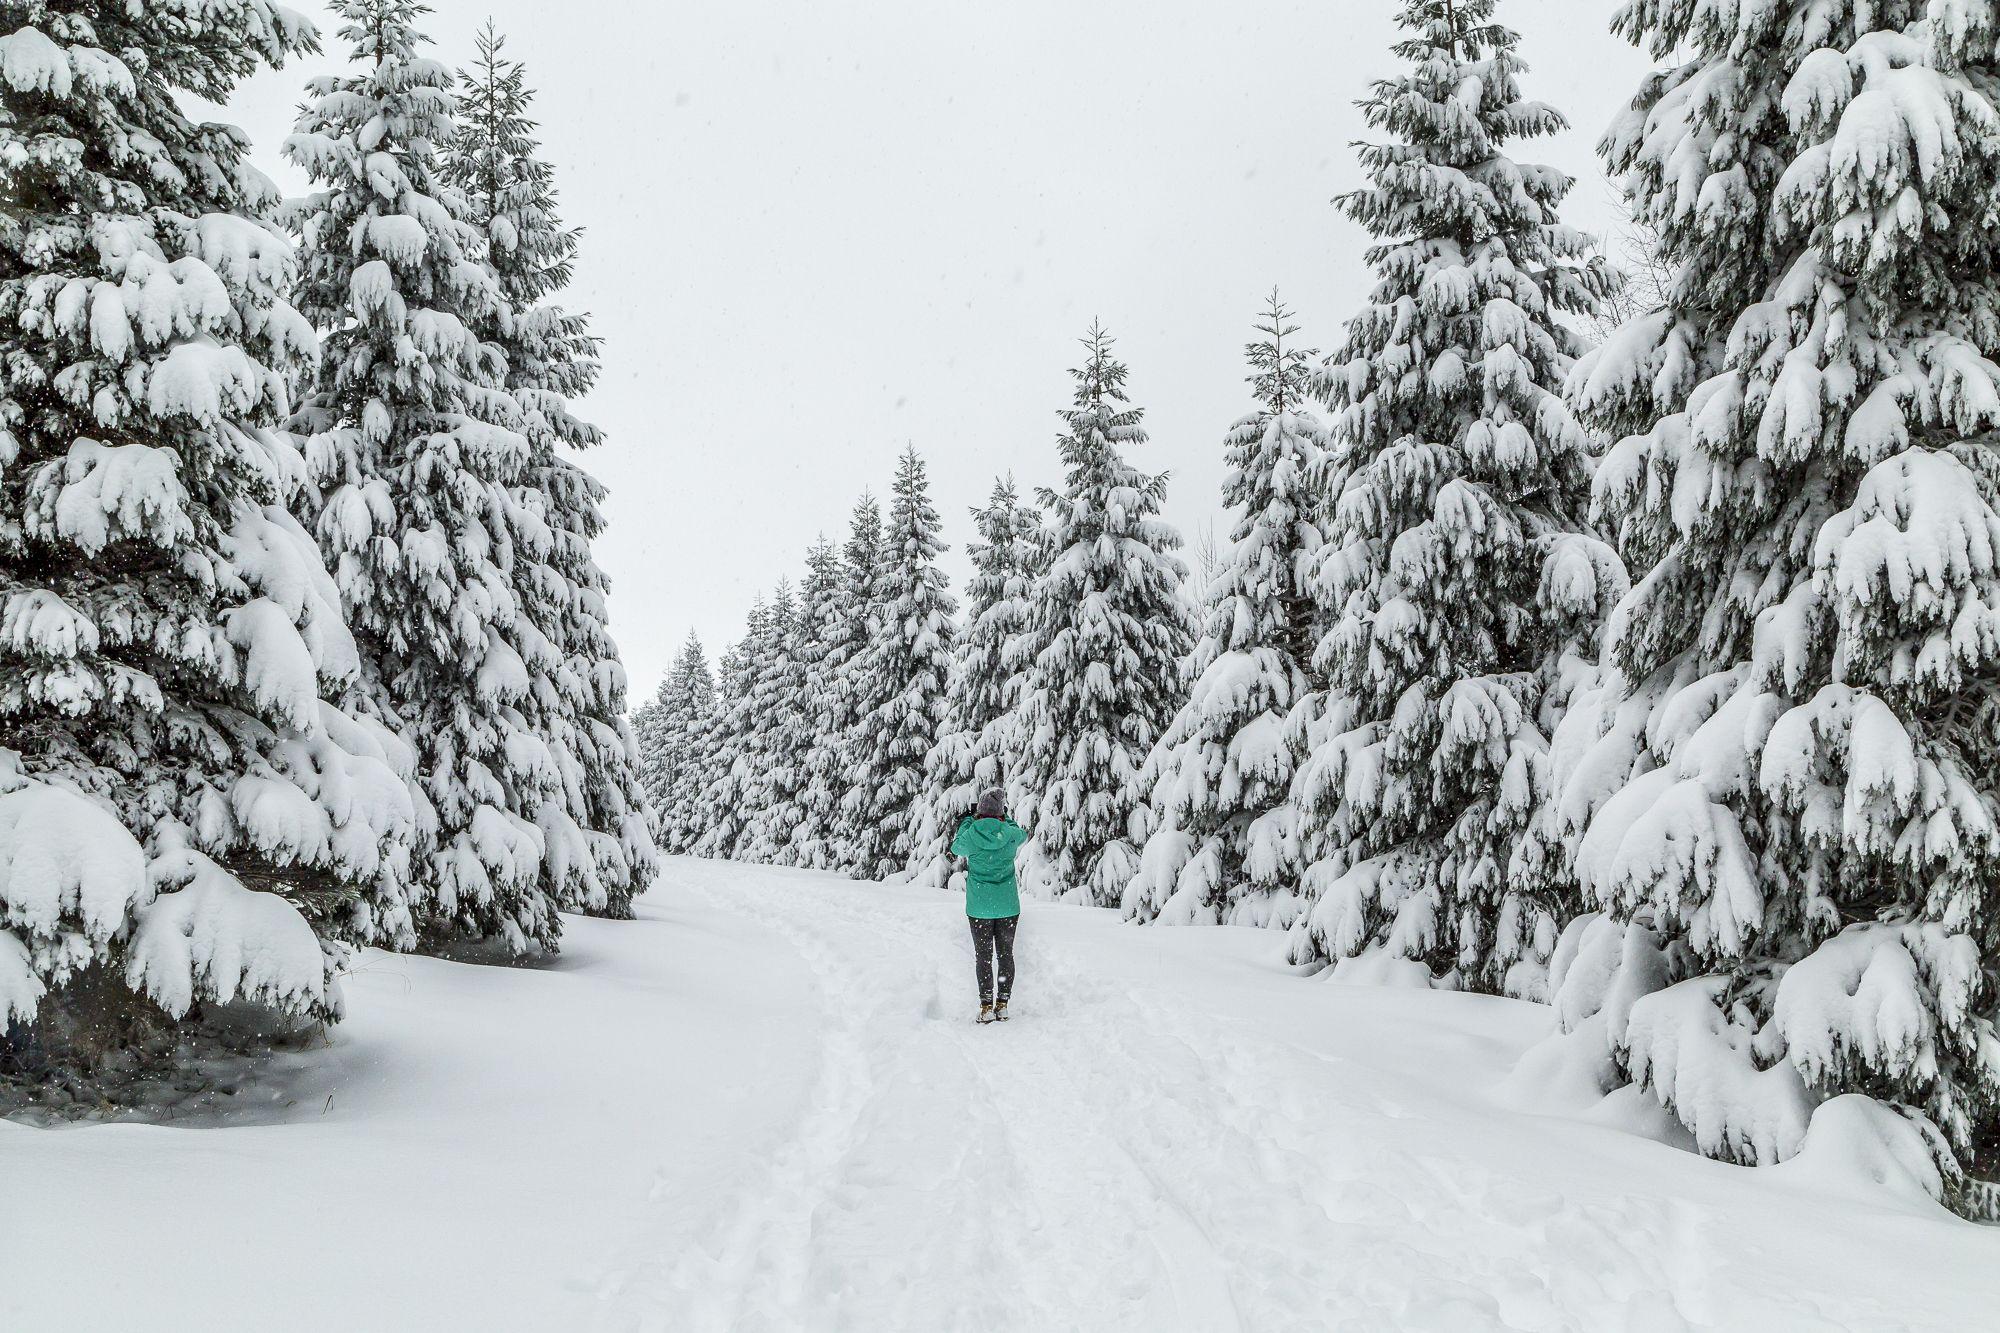 Den Wald vor lauter Schnee nicht sehen. In der Schweiz mit Anita und sisterMAG N°22 // Two-thirds snow, one third trees.